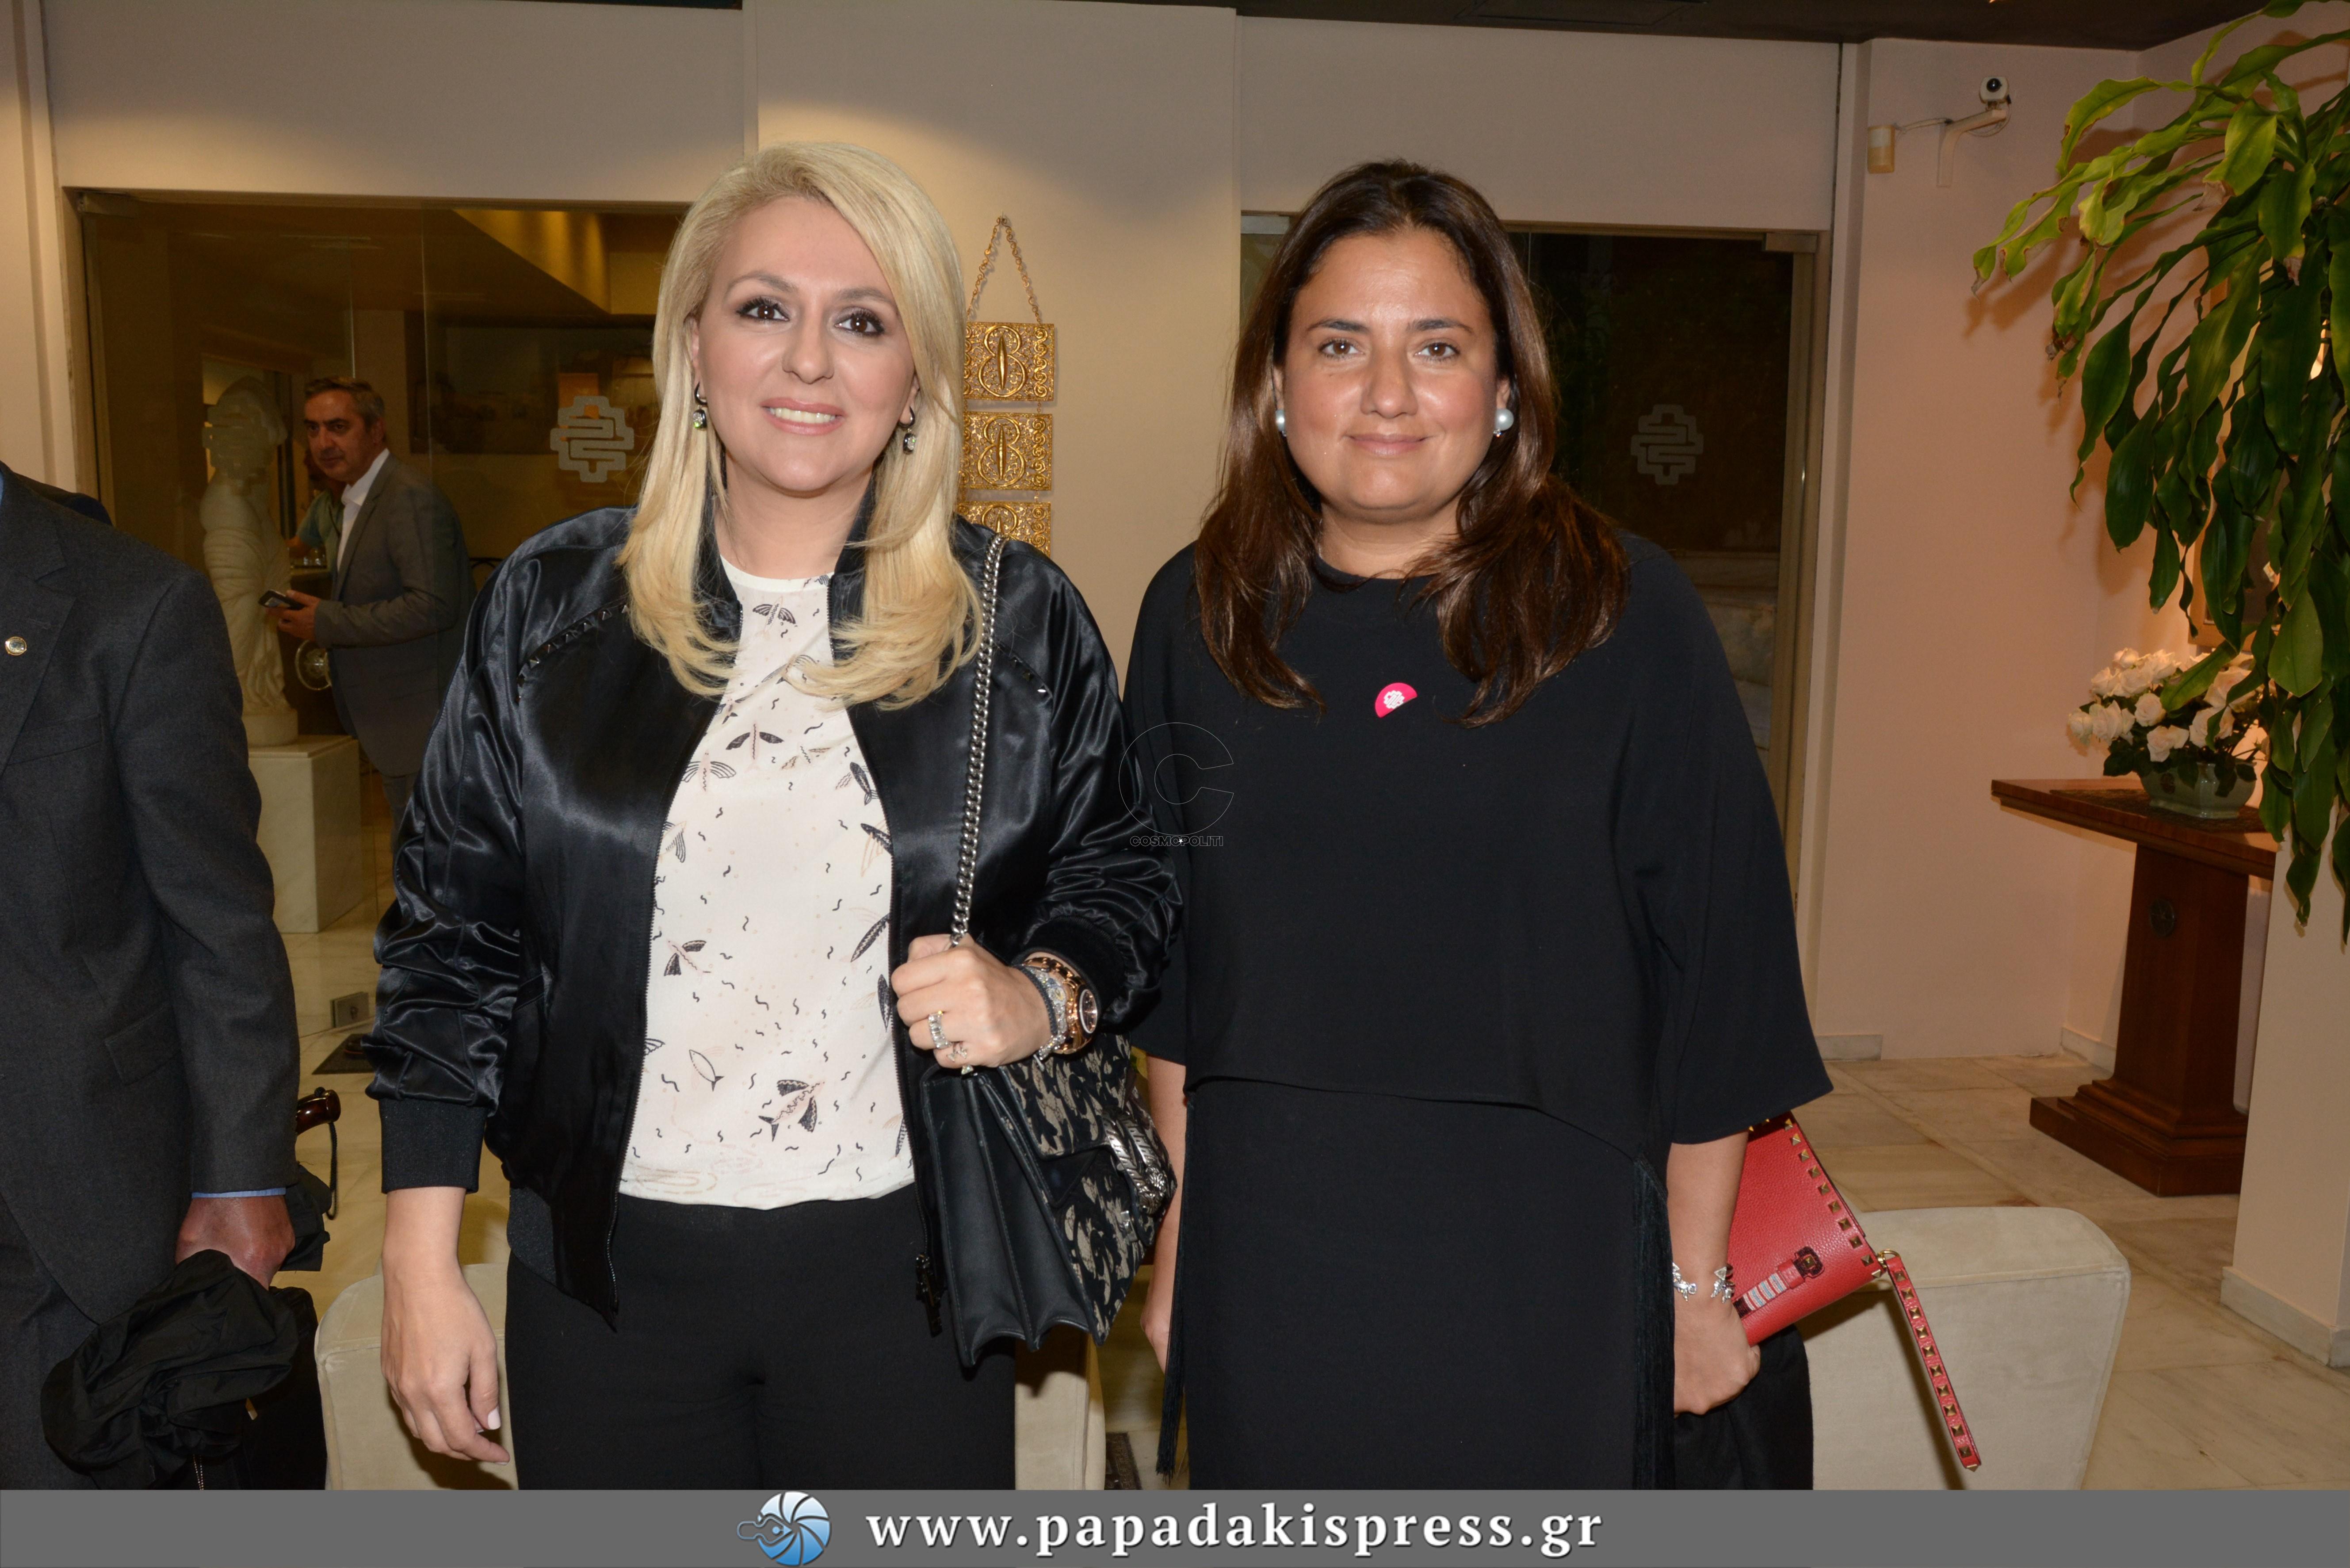 Ρόζμαρι Χατζηιωάννου & Χρύσα Κανελλοπούλου